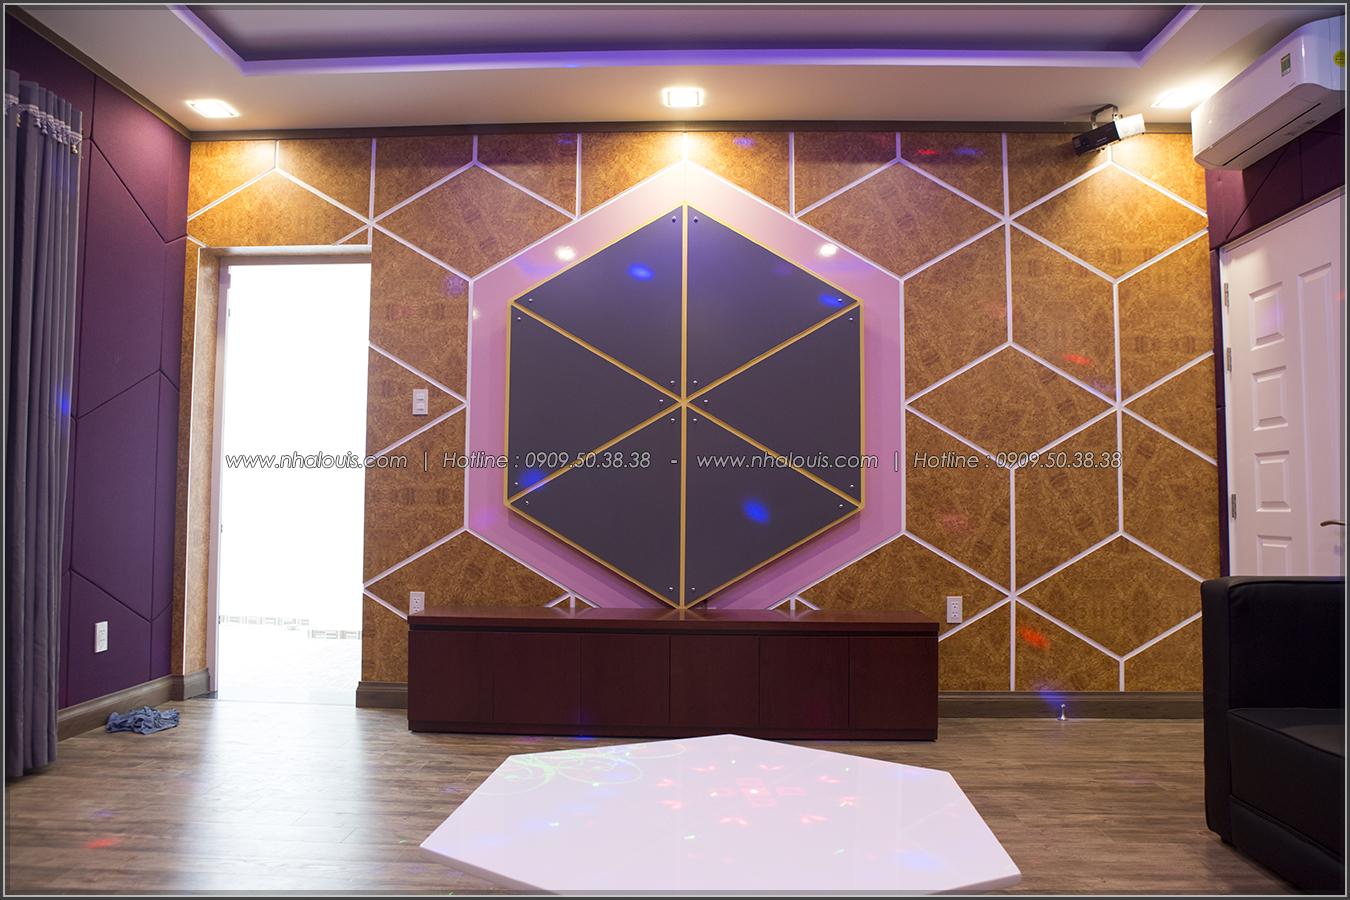 Thiết kế và thi công biệt thự phố đẹp với hồ bơi xanh mát tại Tân Bình - 52